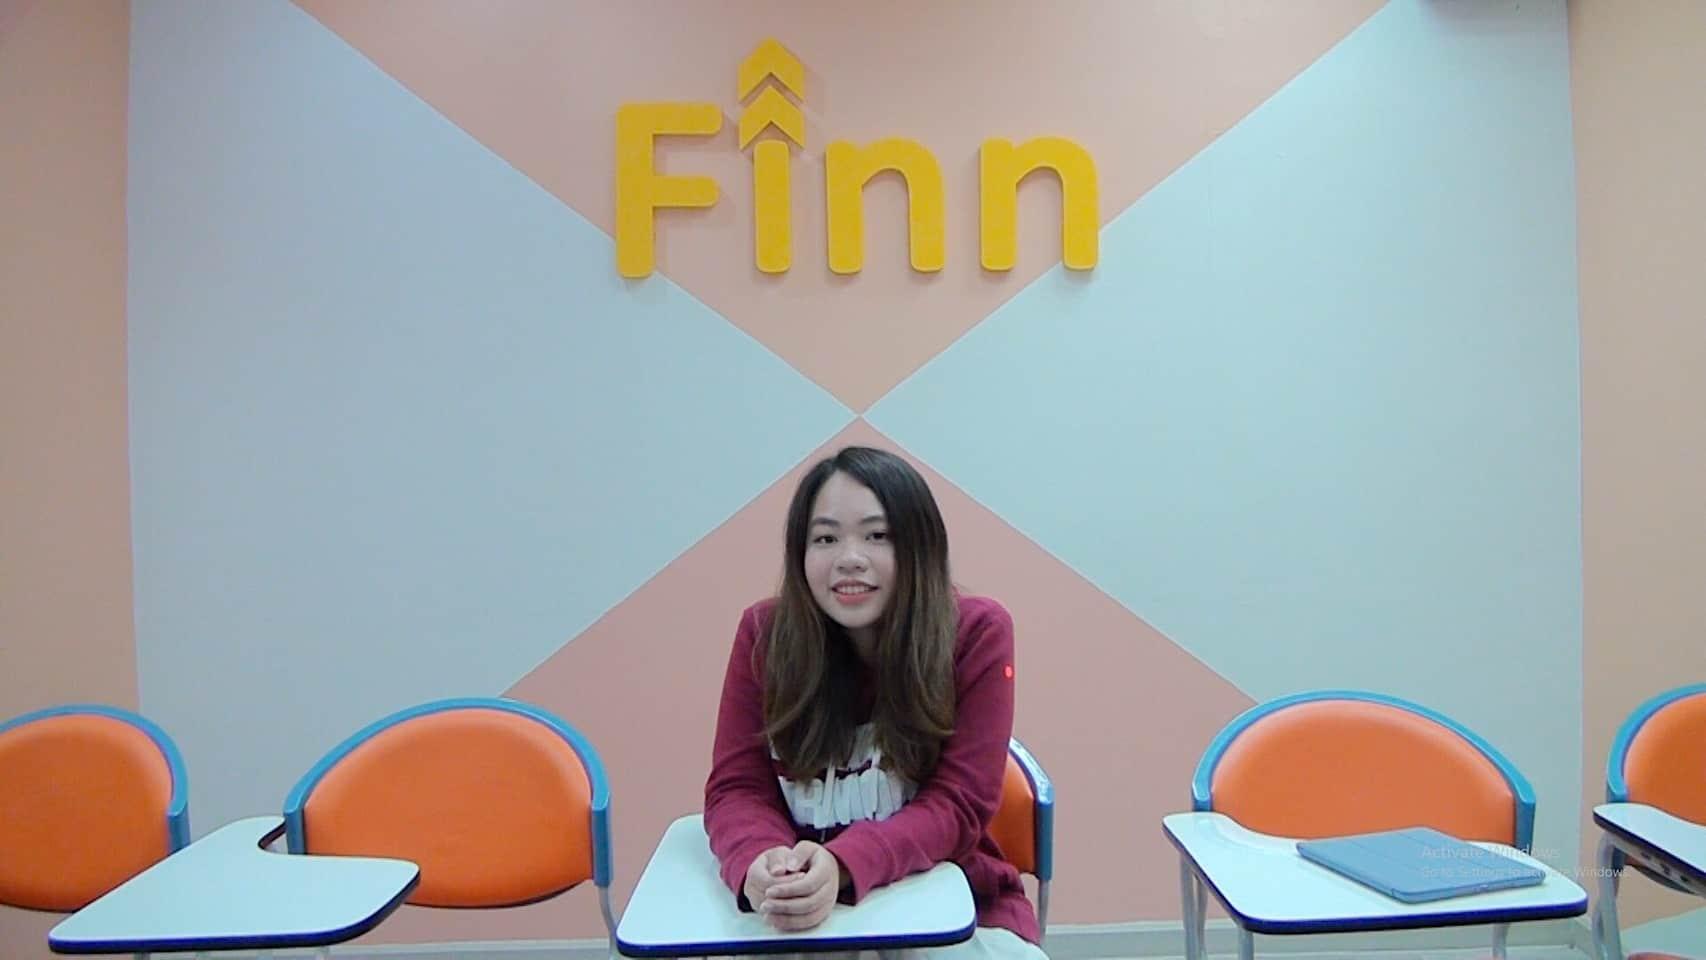 , จากใจเด็กภูเก็ตที่ตัดสินใจมาเรียน Finn